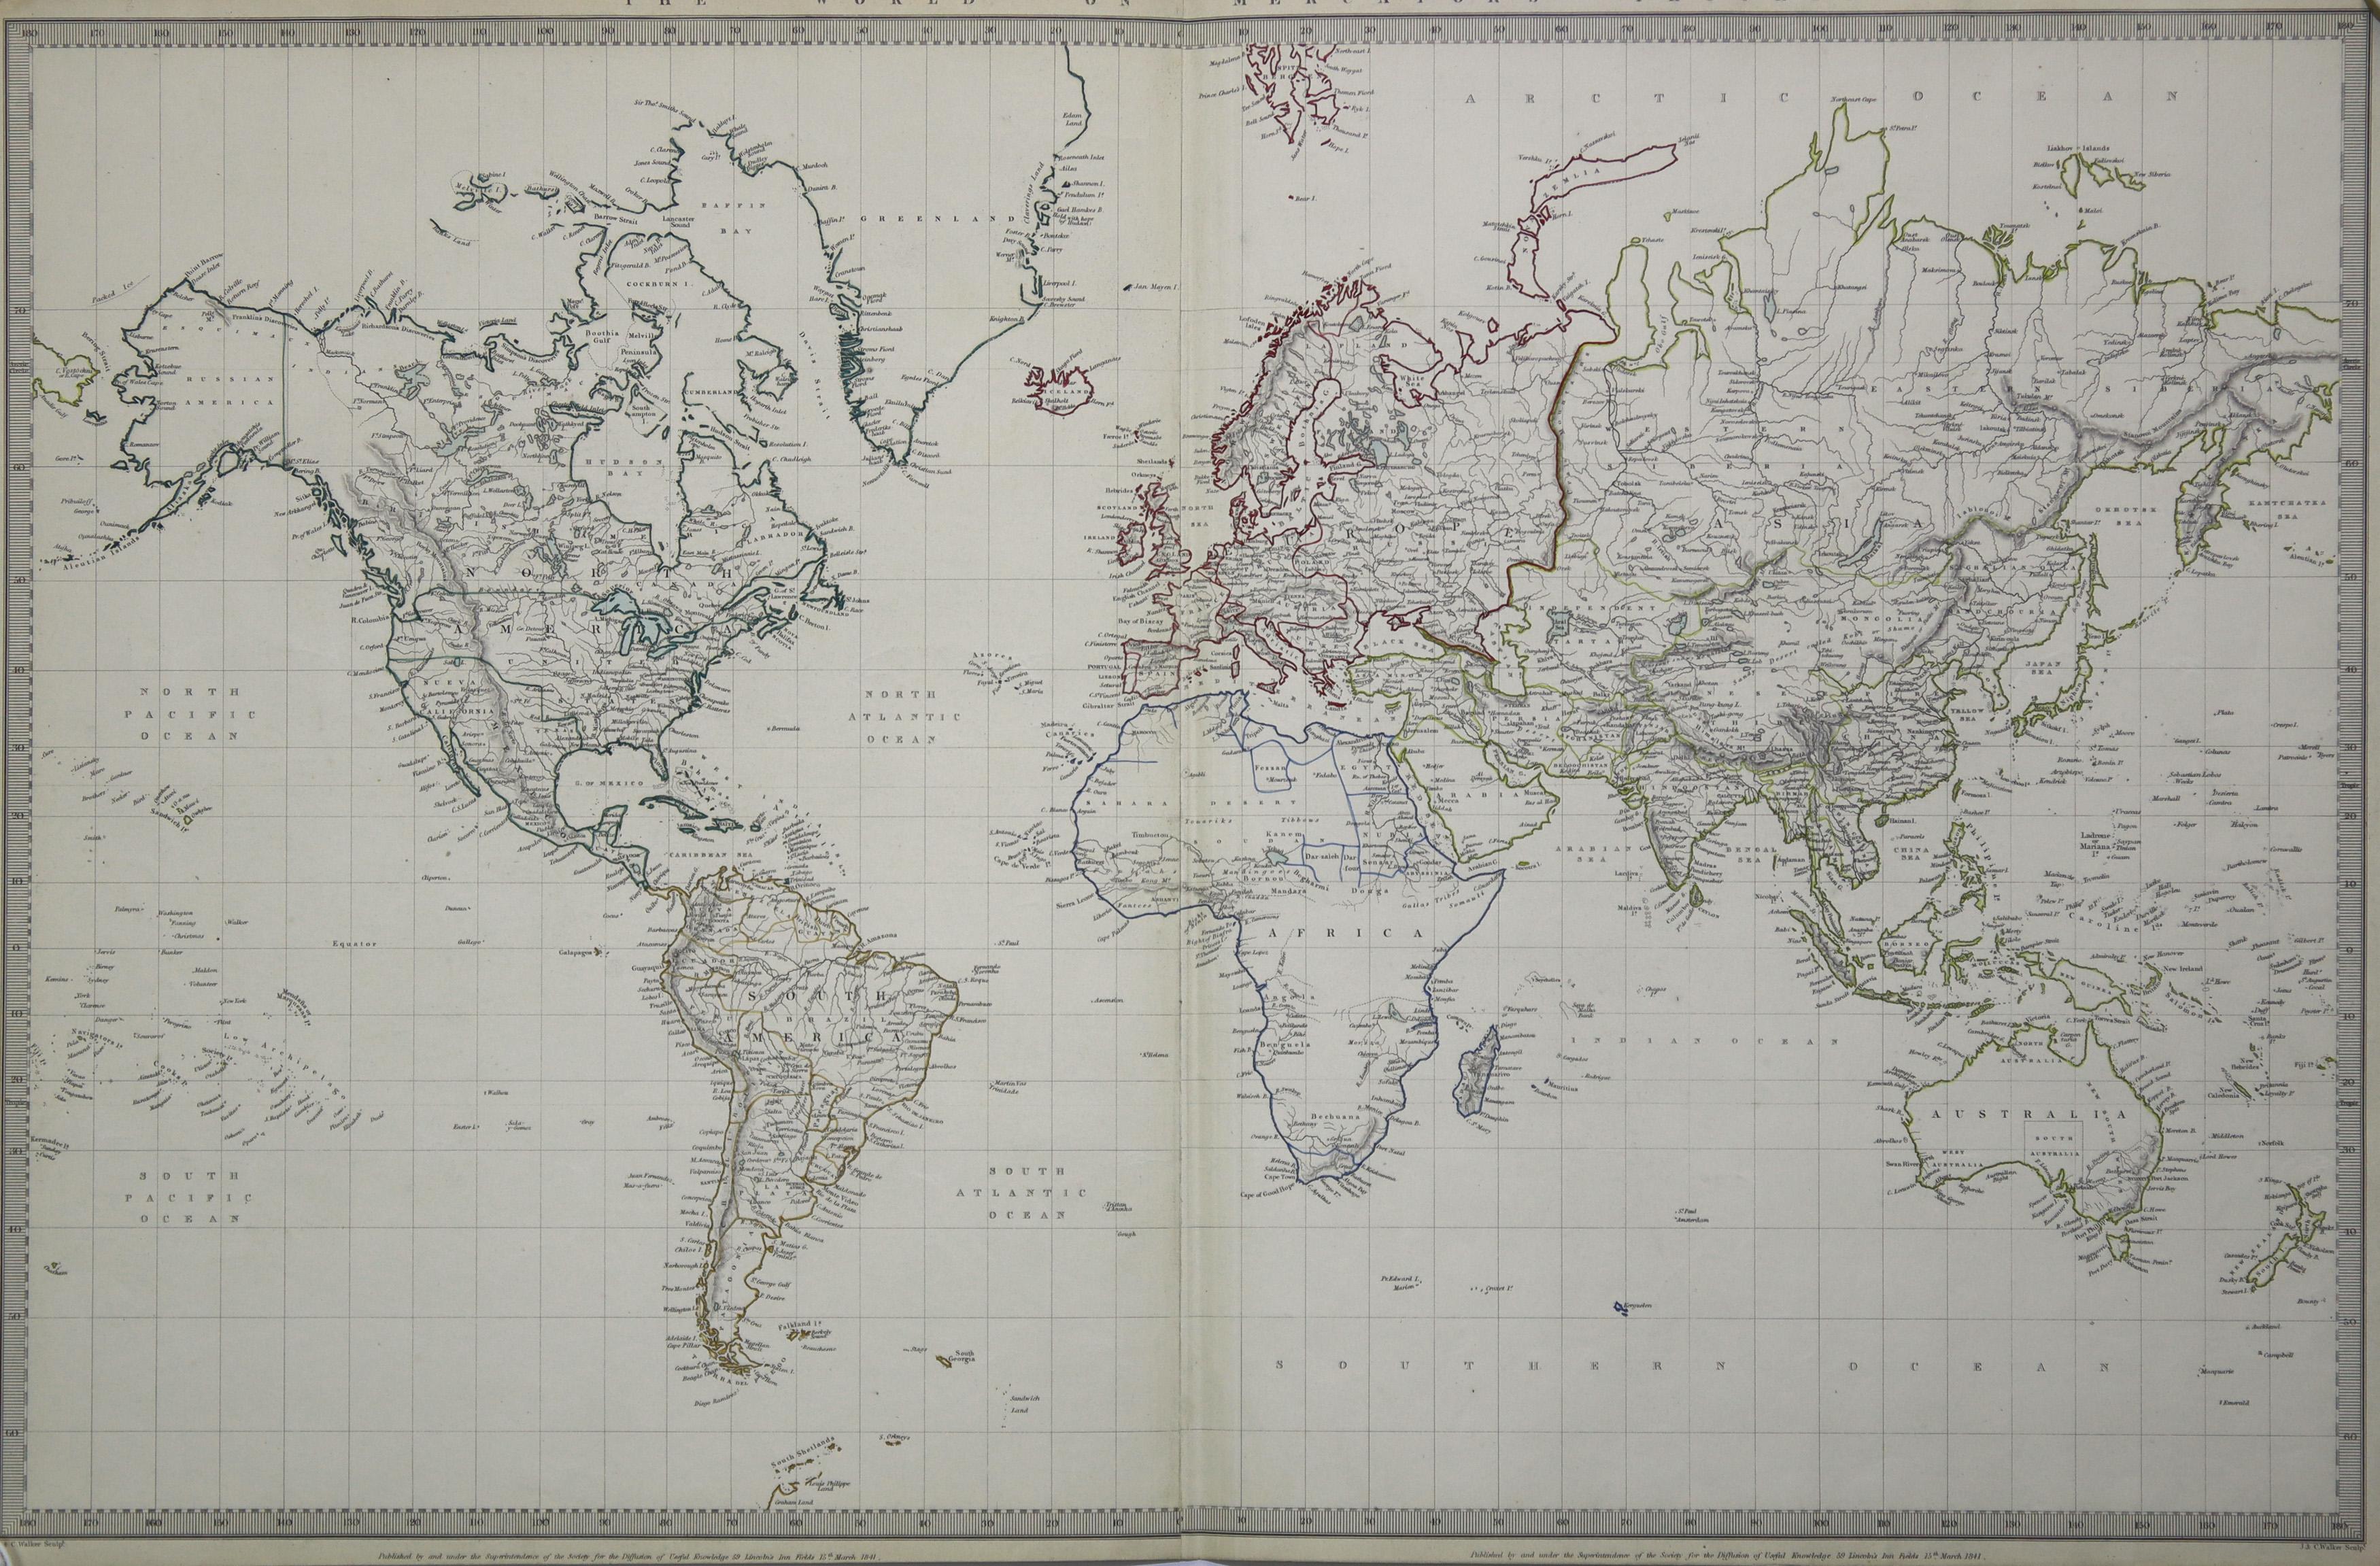 Stst.- Karte, v. 2 Platten v. J.&C: Weltkarte ( World